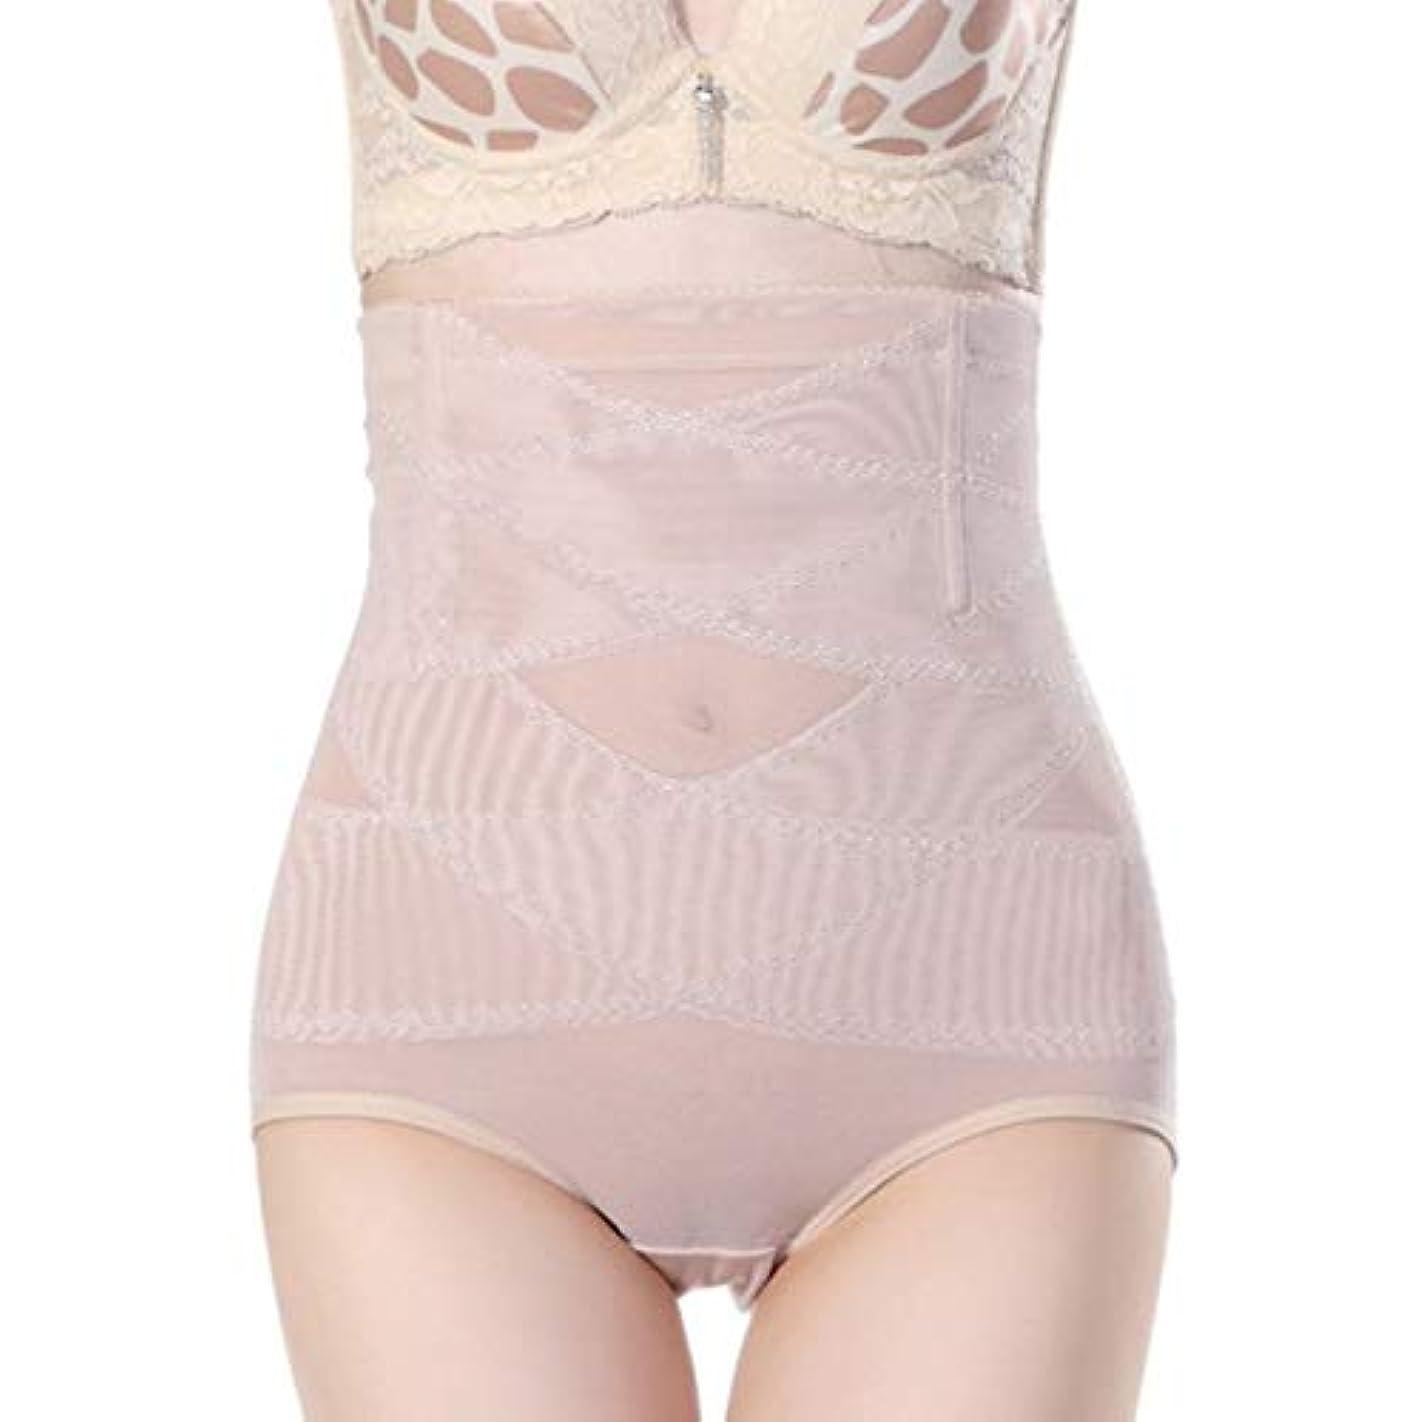 夕暮れ起きている付与腹部制御下着シームレスおなかコントロールパンティーバットリフターボディシェイパーを痩身通気性のハイウエストの女性 - 肌色L